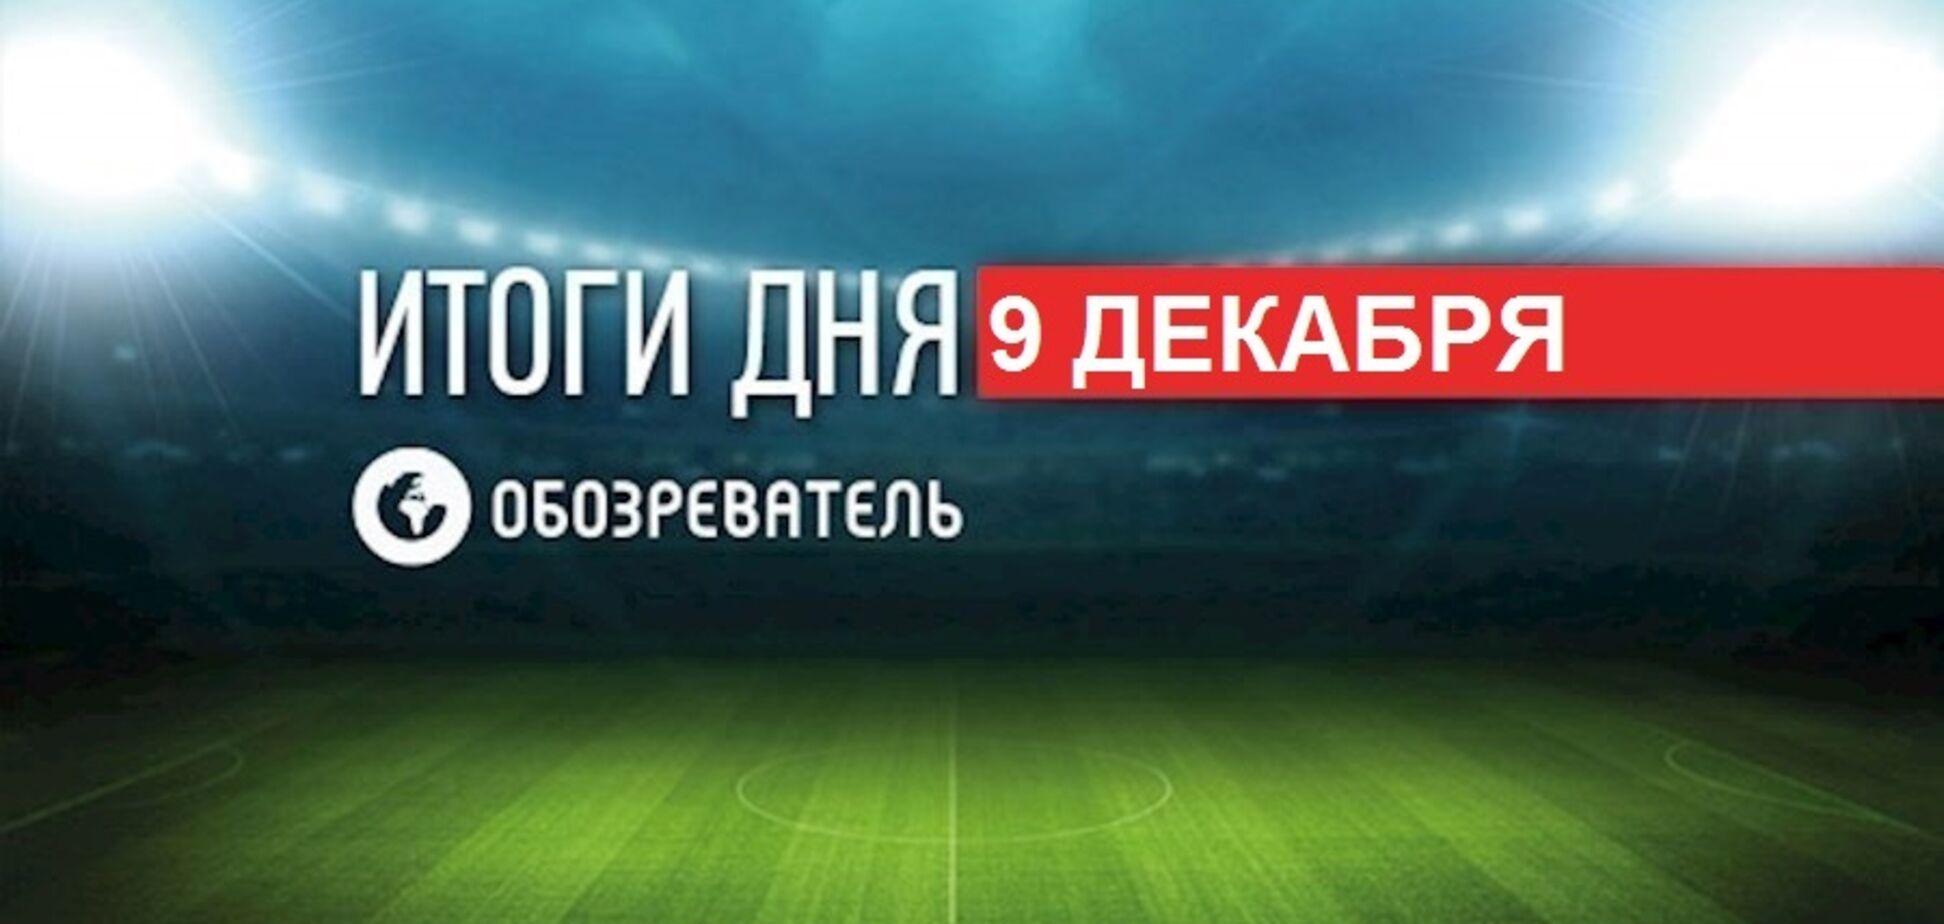 Ломаченко выиграл уникальный бой: спортивные итоги 9 декабря